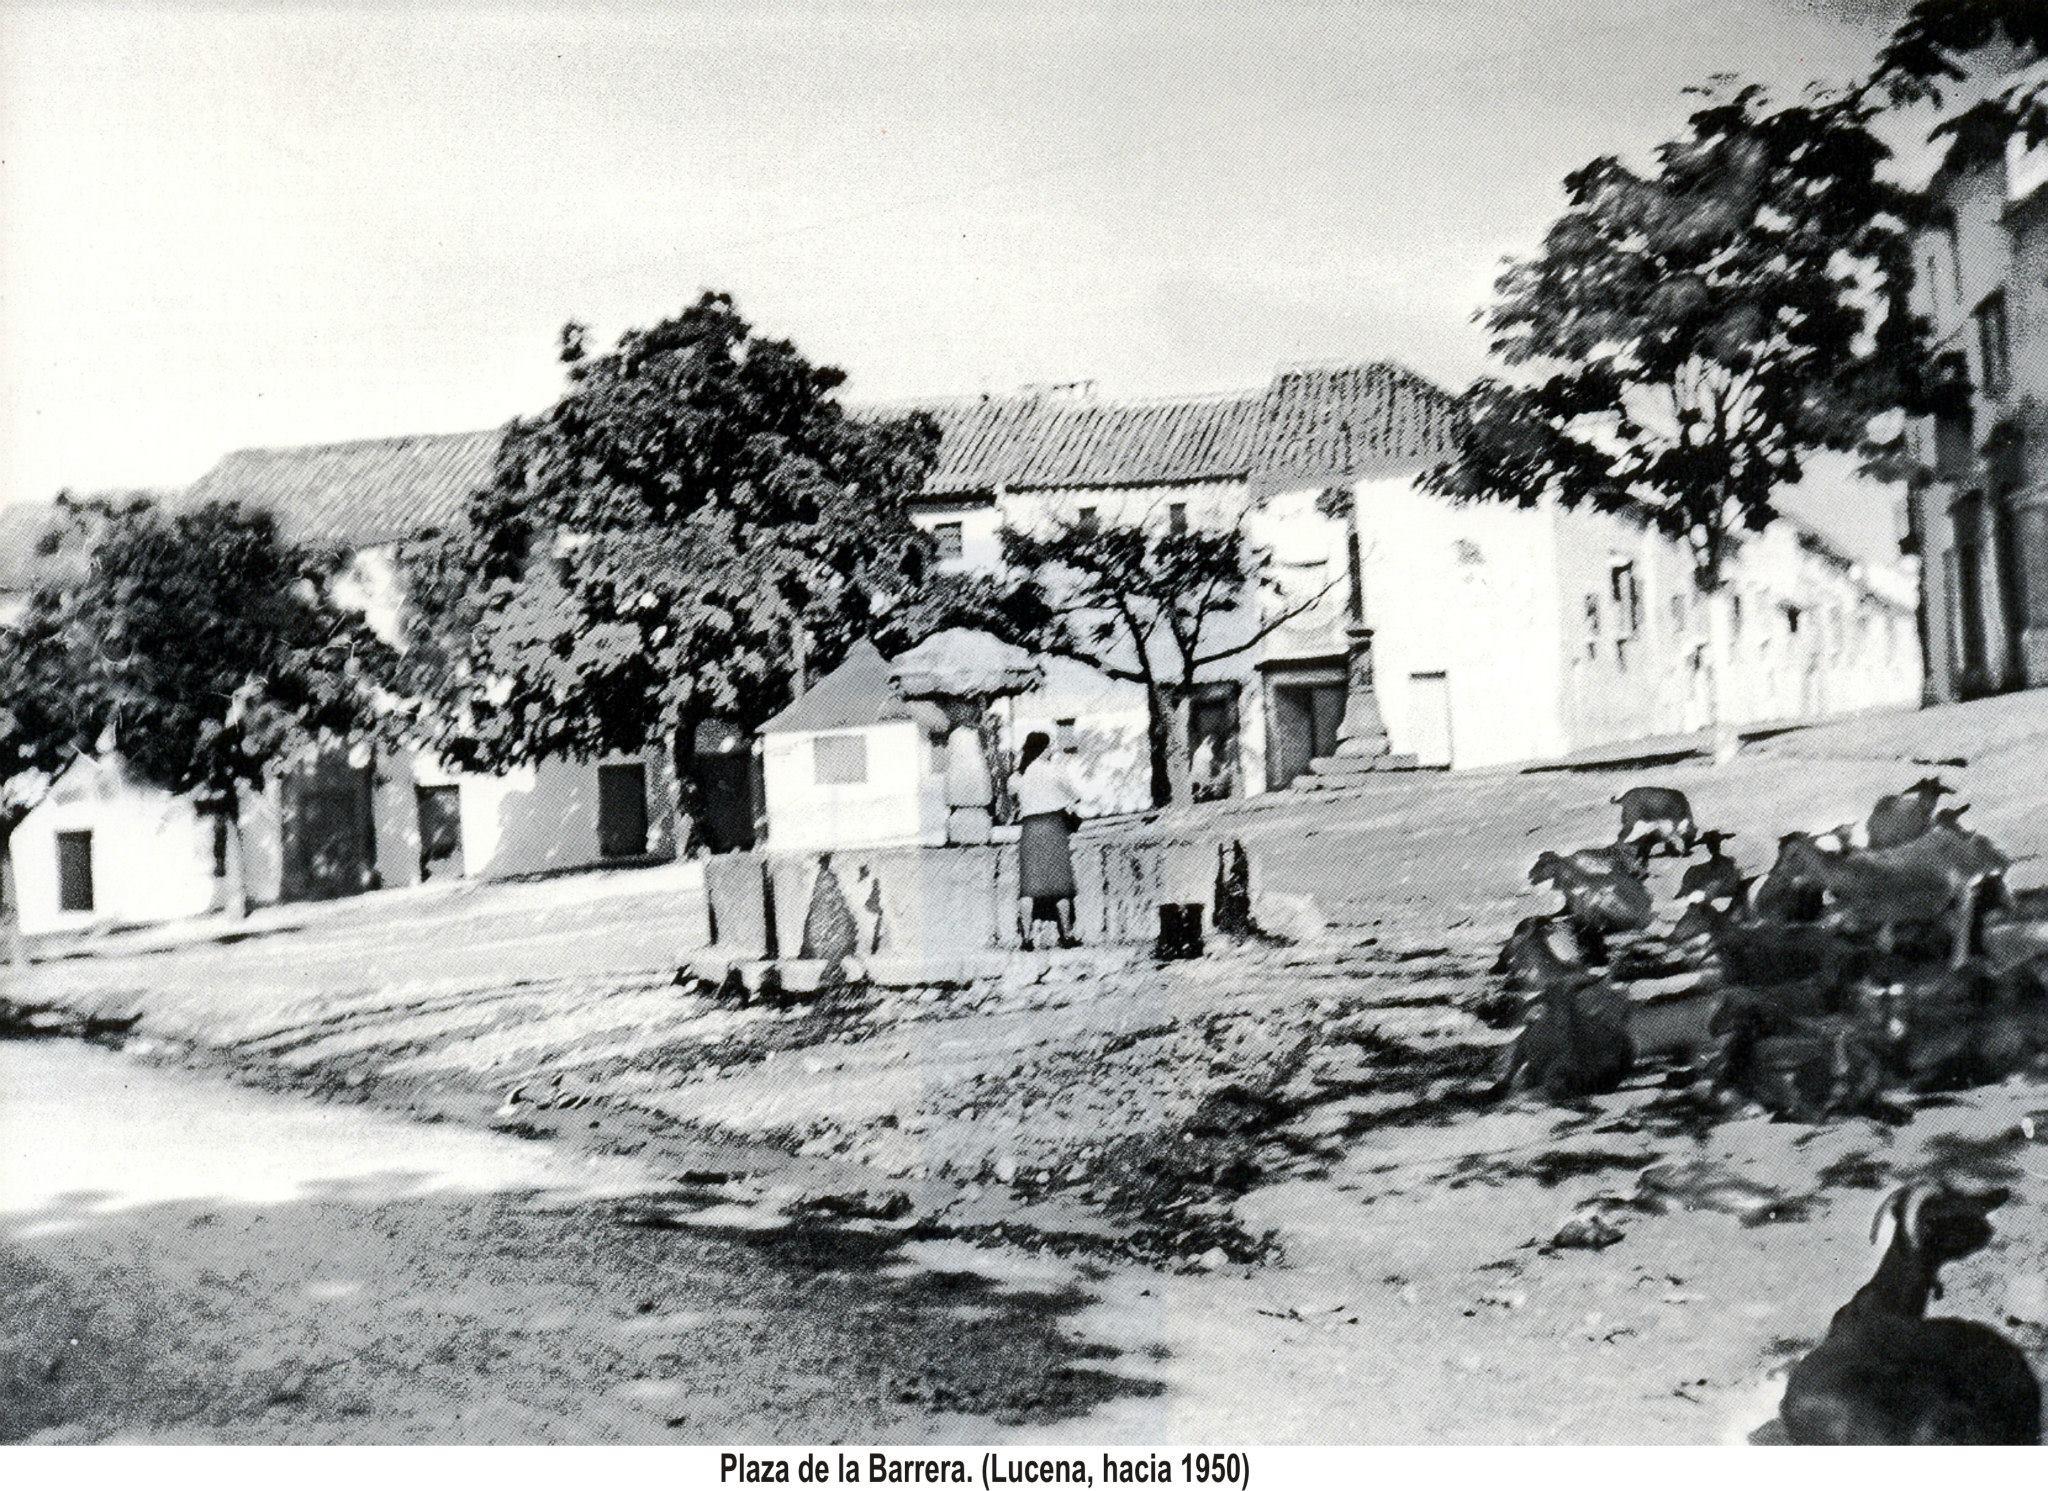 La Barrera 1950